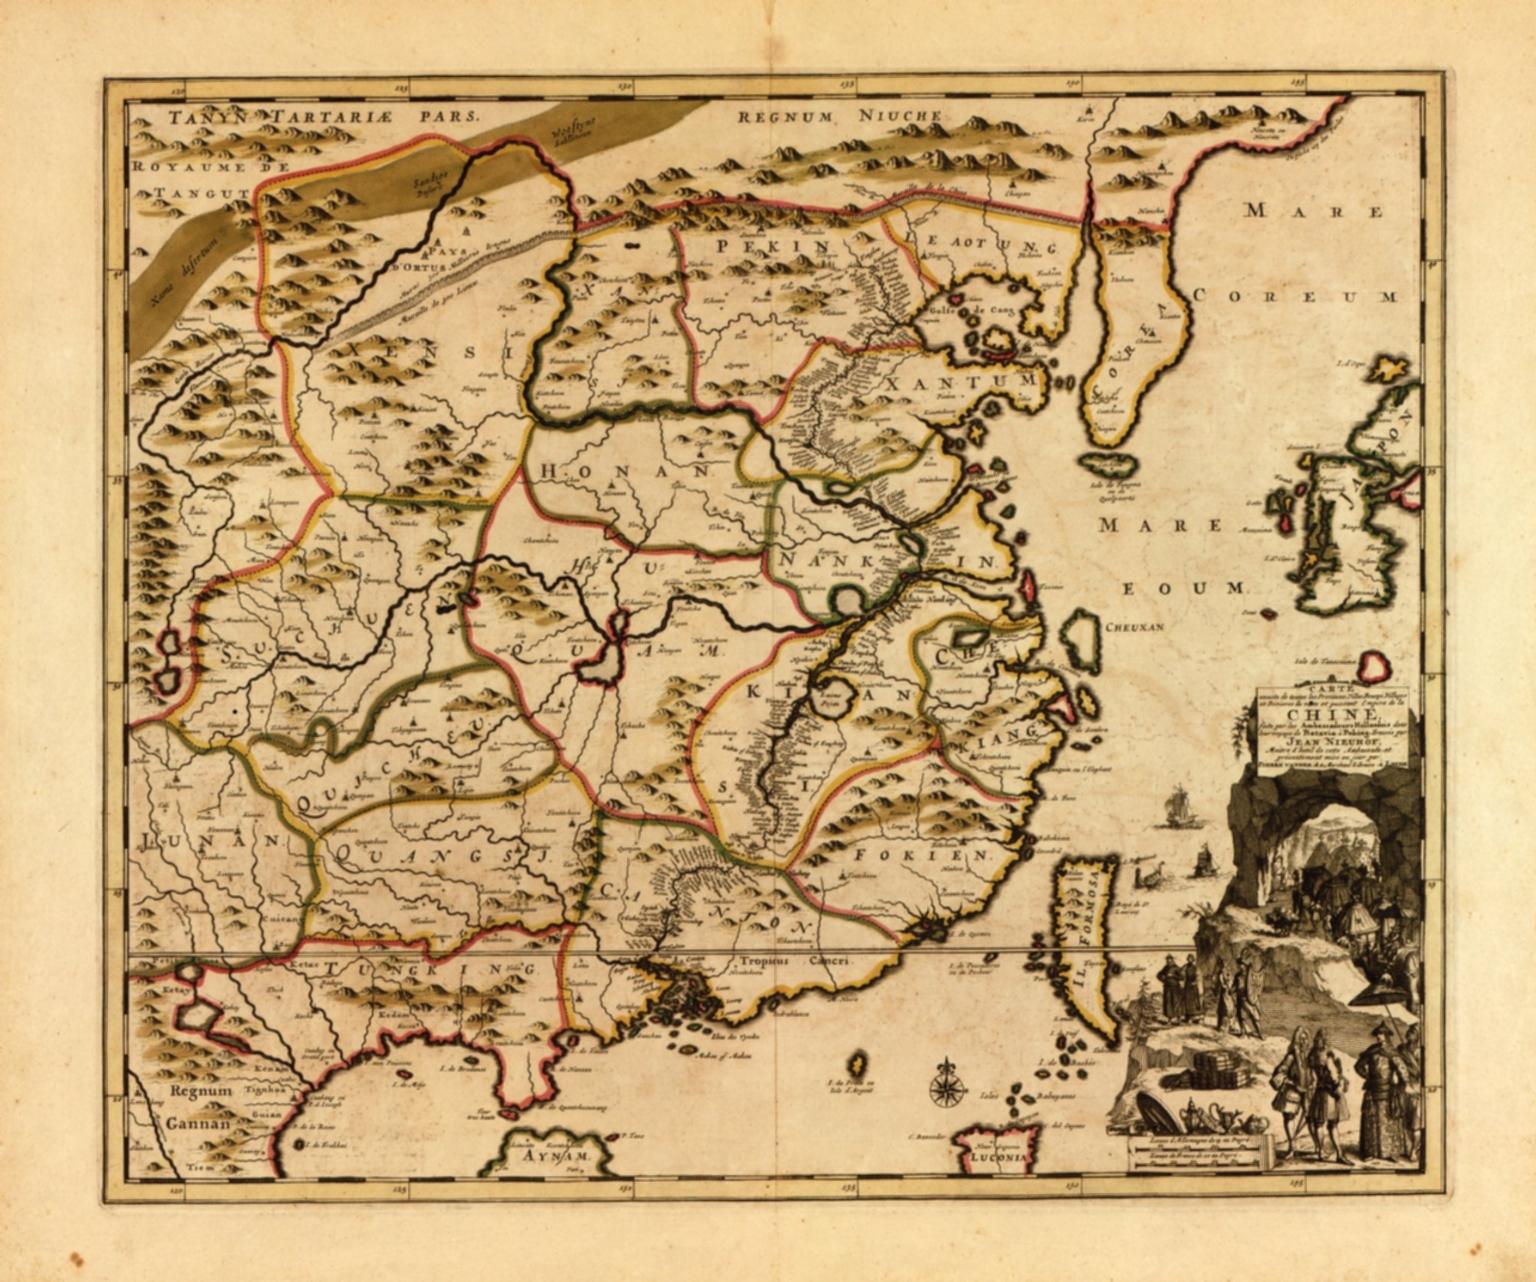 Carte exacte de toutes les provinces, villes, bourgs, villages et rivières du vaste et puissant empire de la Chine : faite par les ambassadeurs hollandois dans leur voyage de Batavia à Peking